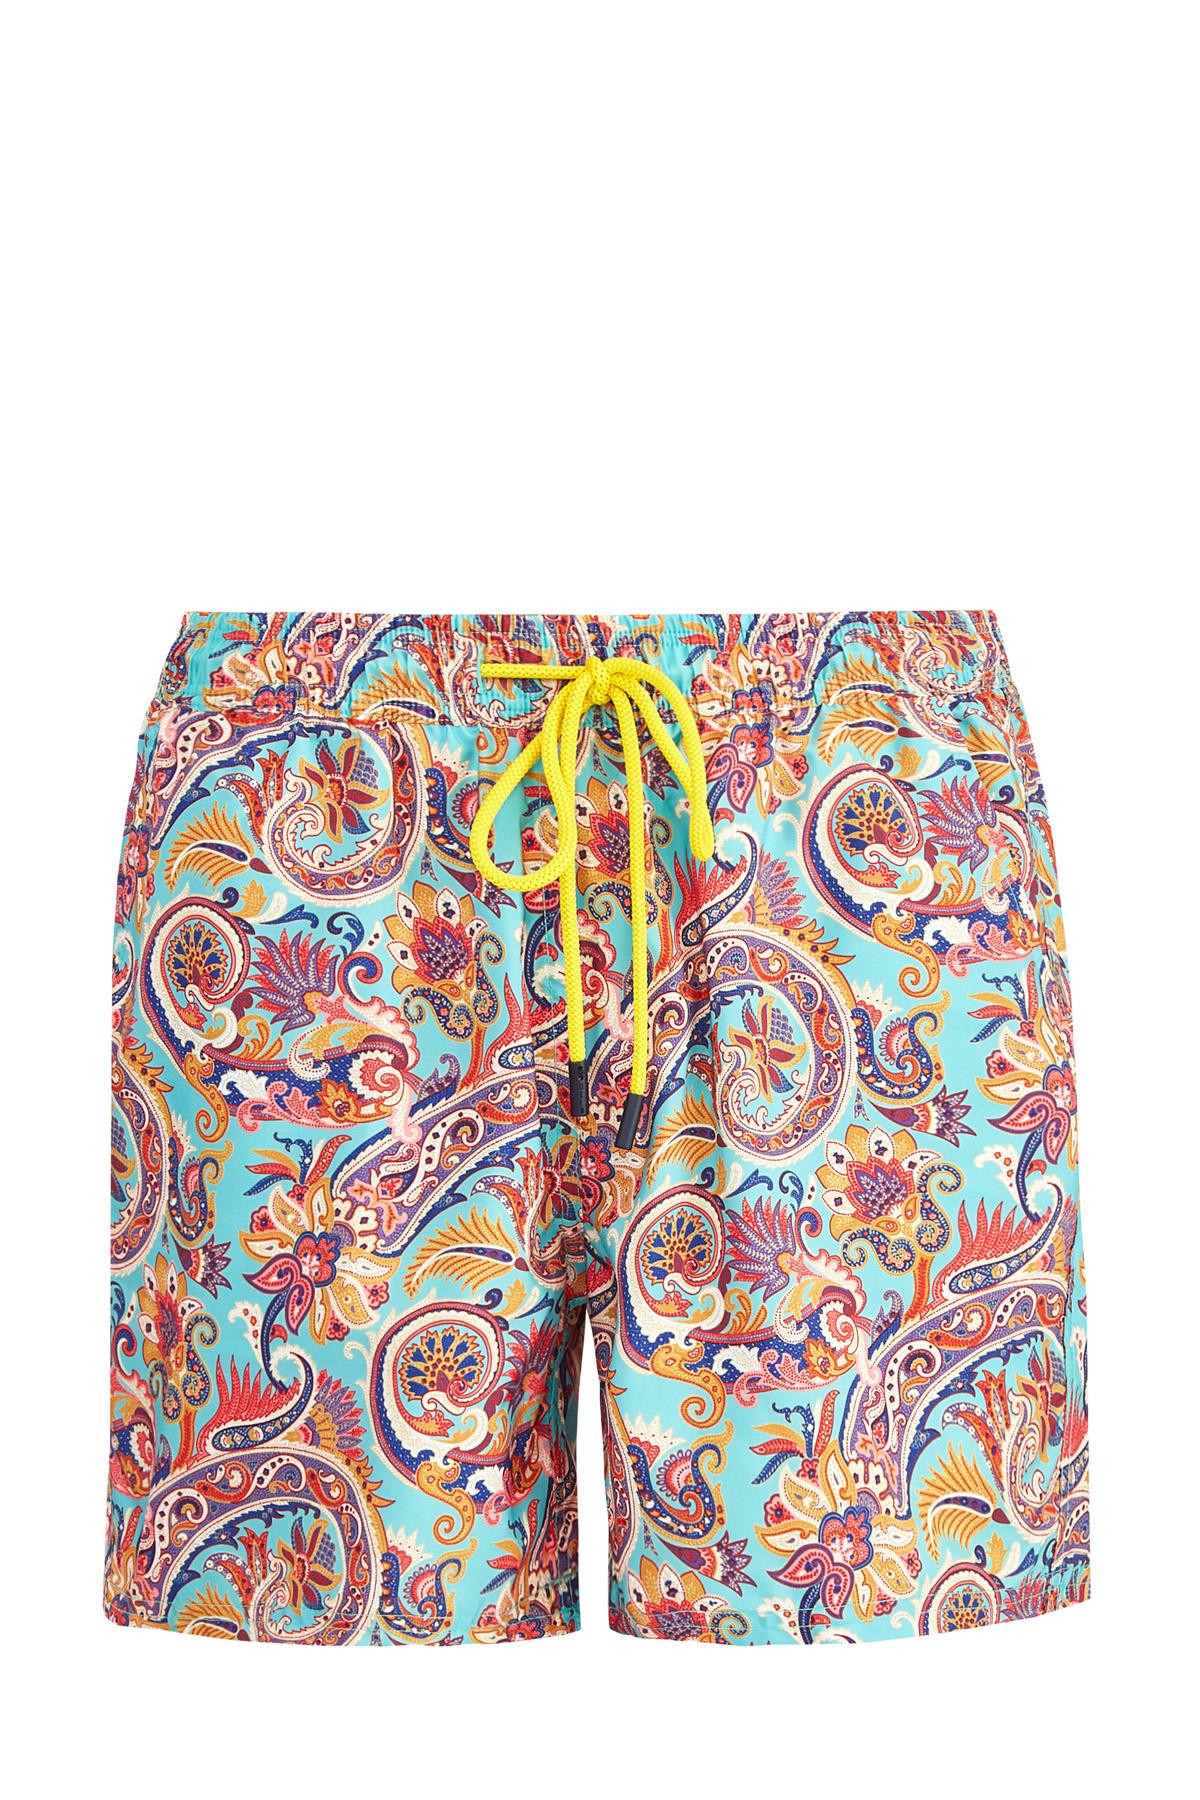 Купить со скидкой Плавательные шорты с принтом пейсли